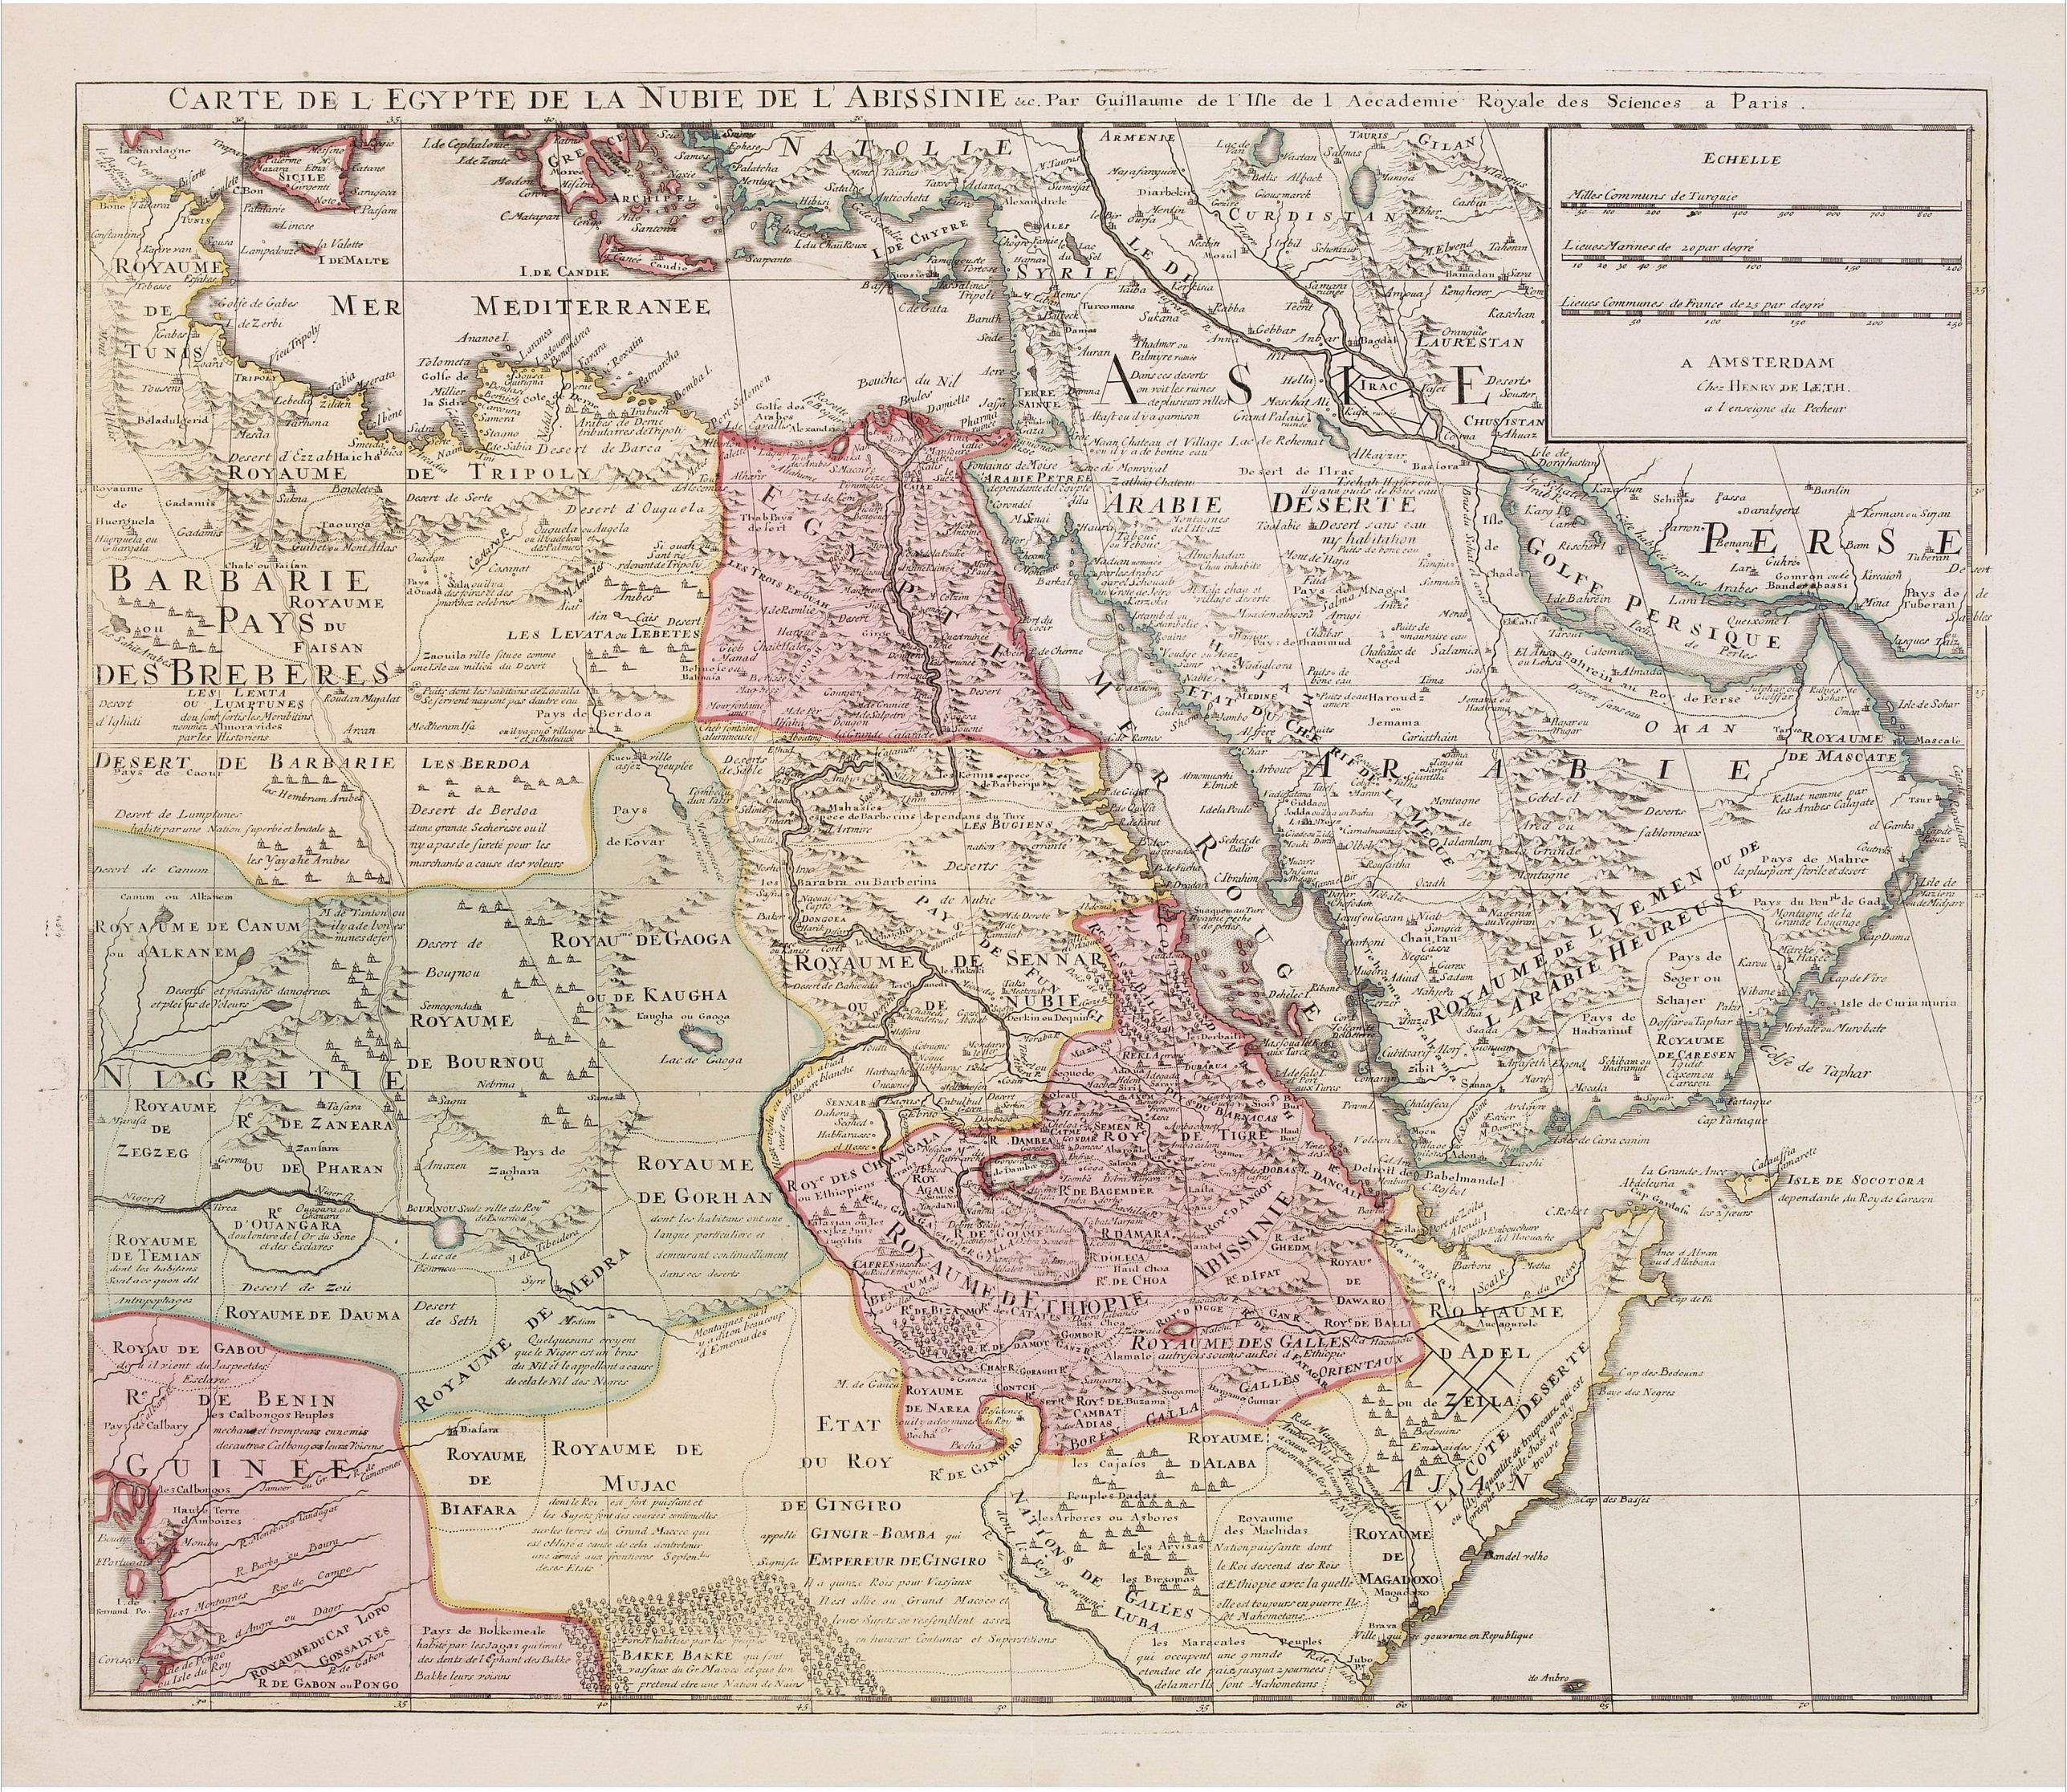 DE LETH, H. -  Carte de L'Egypte de la Nubie de L'Abissinie..